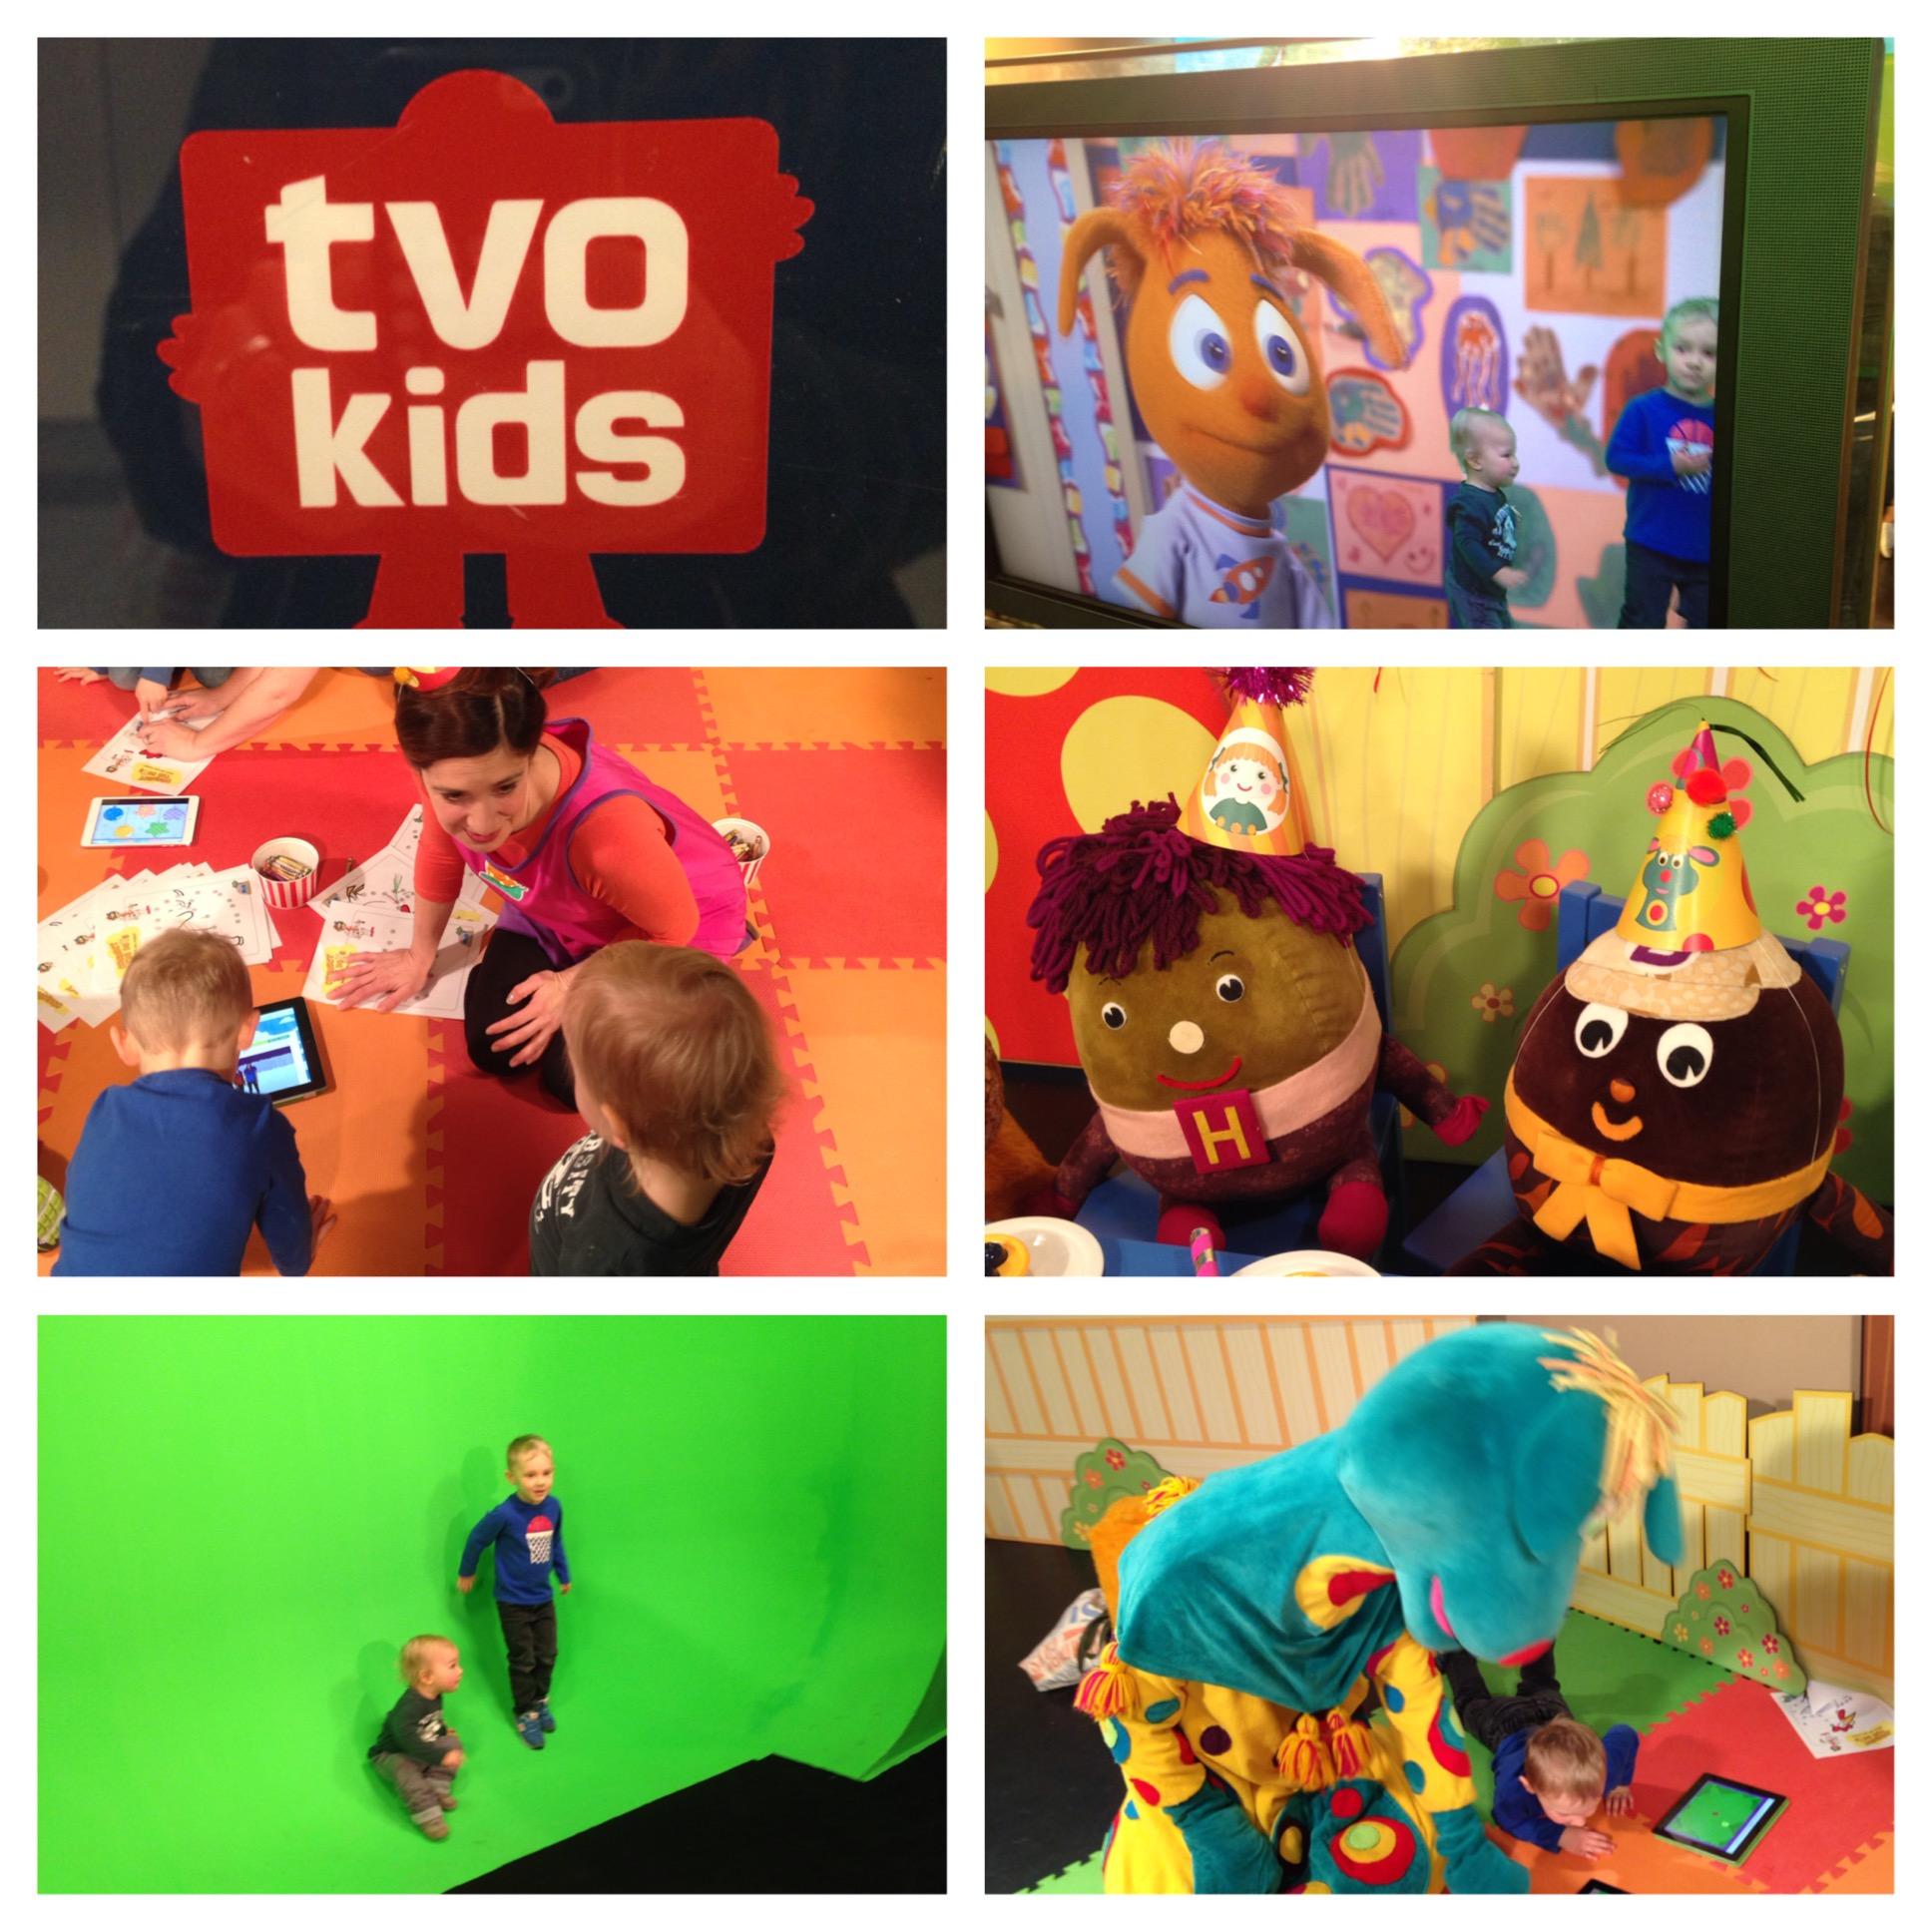 Our fun morning at TVO Kids